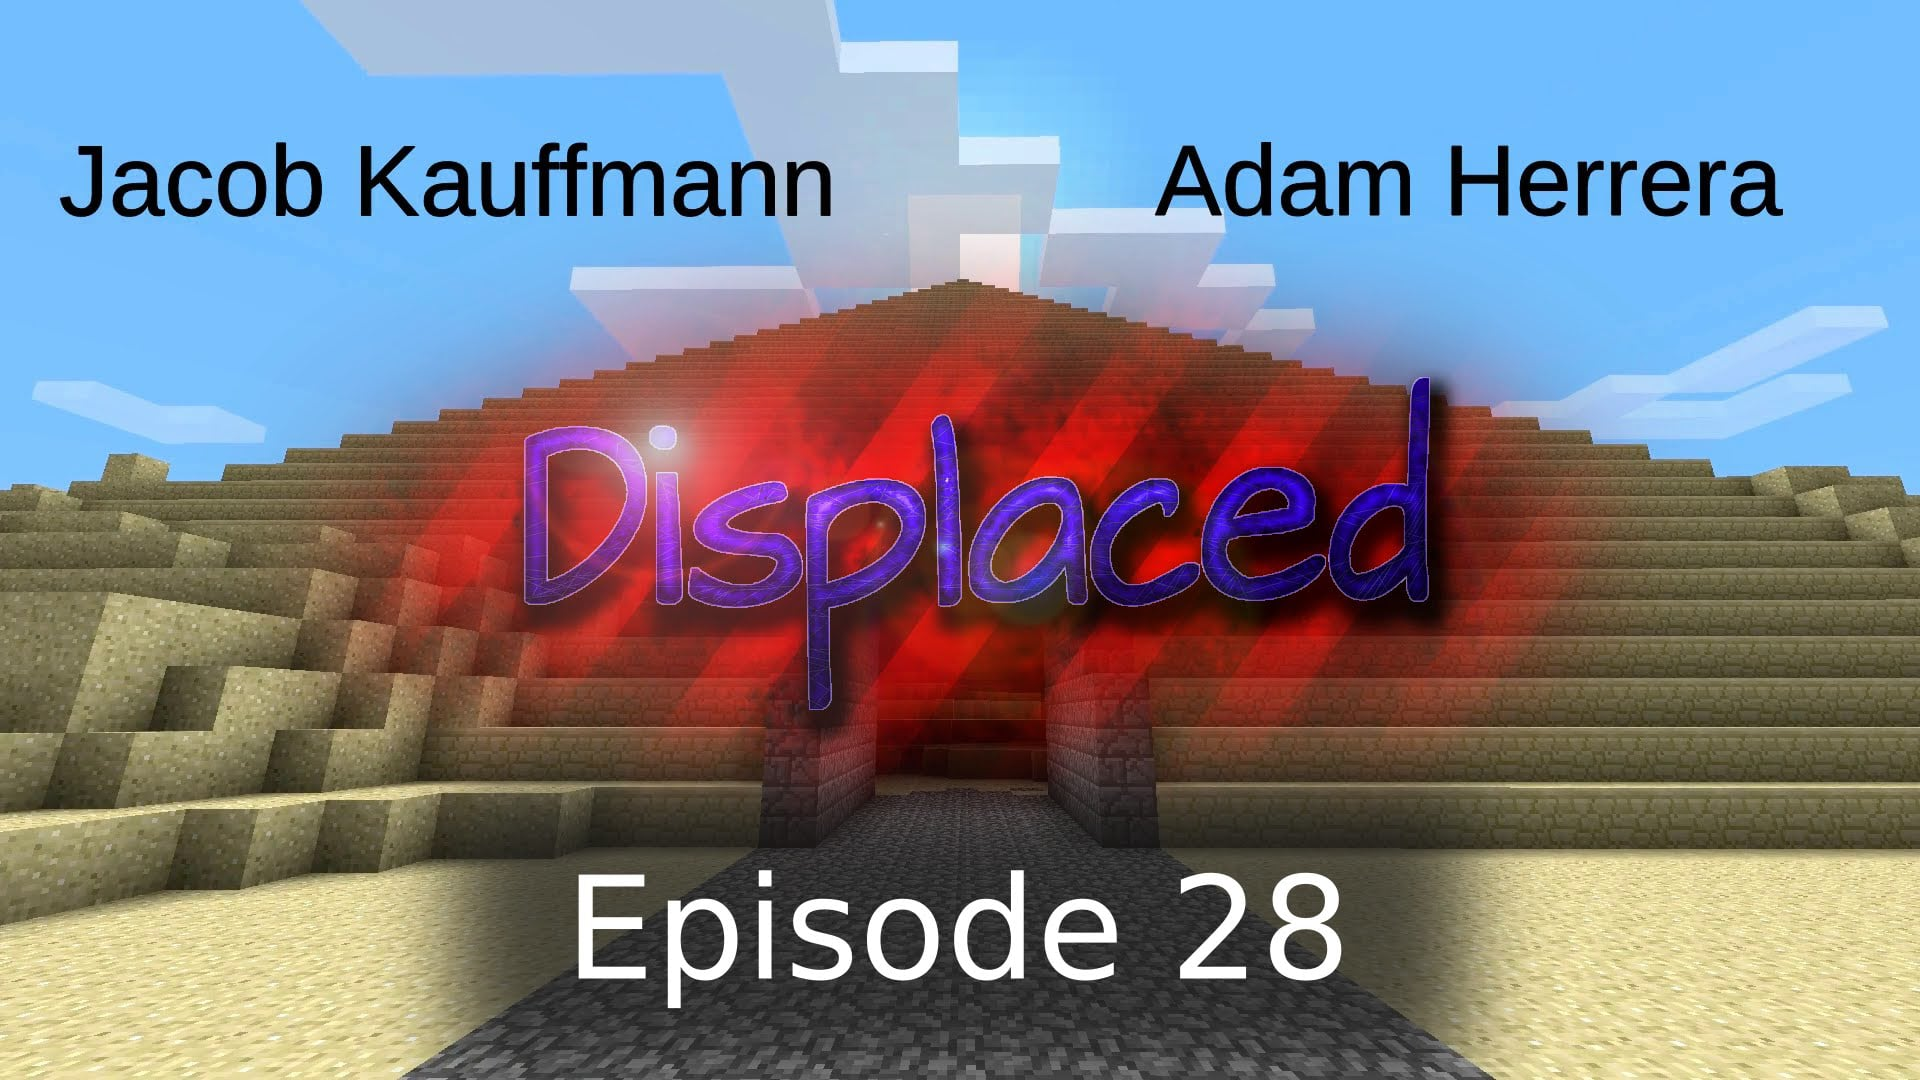 Episode 28 - Displaced